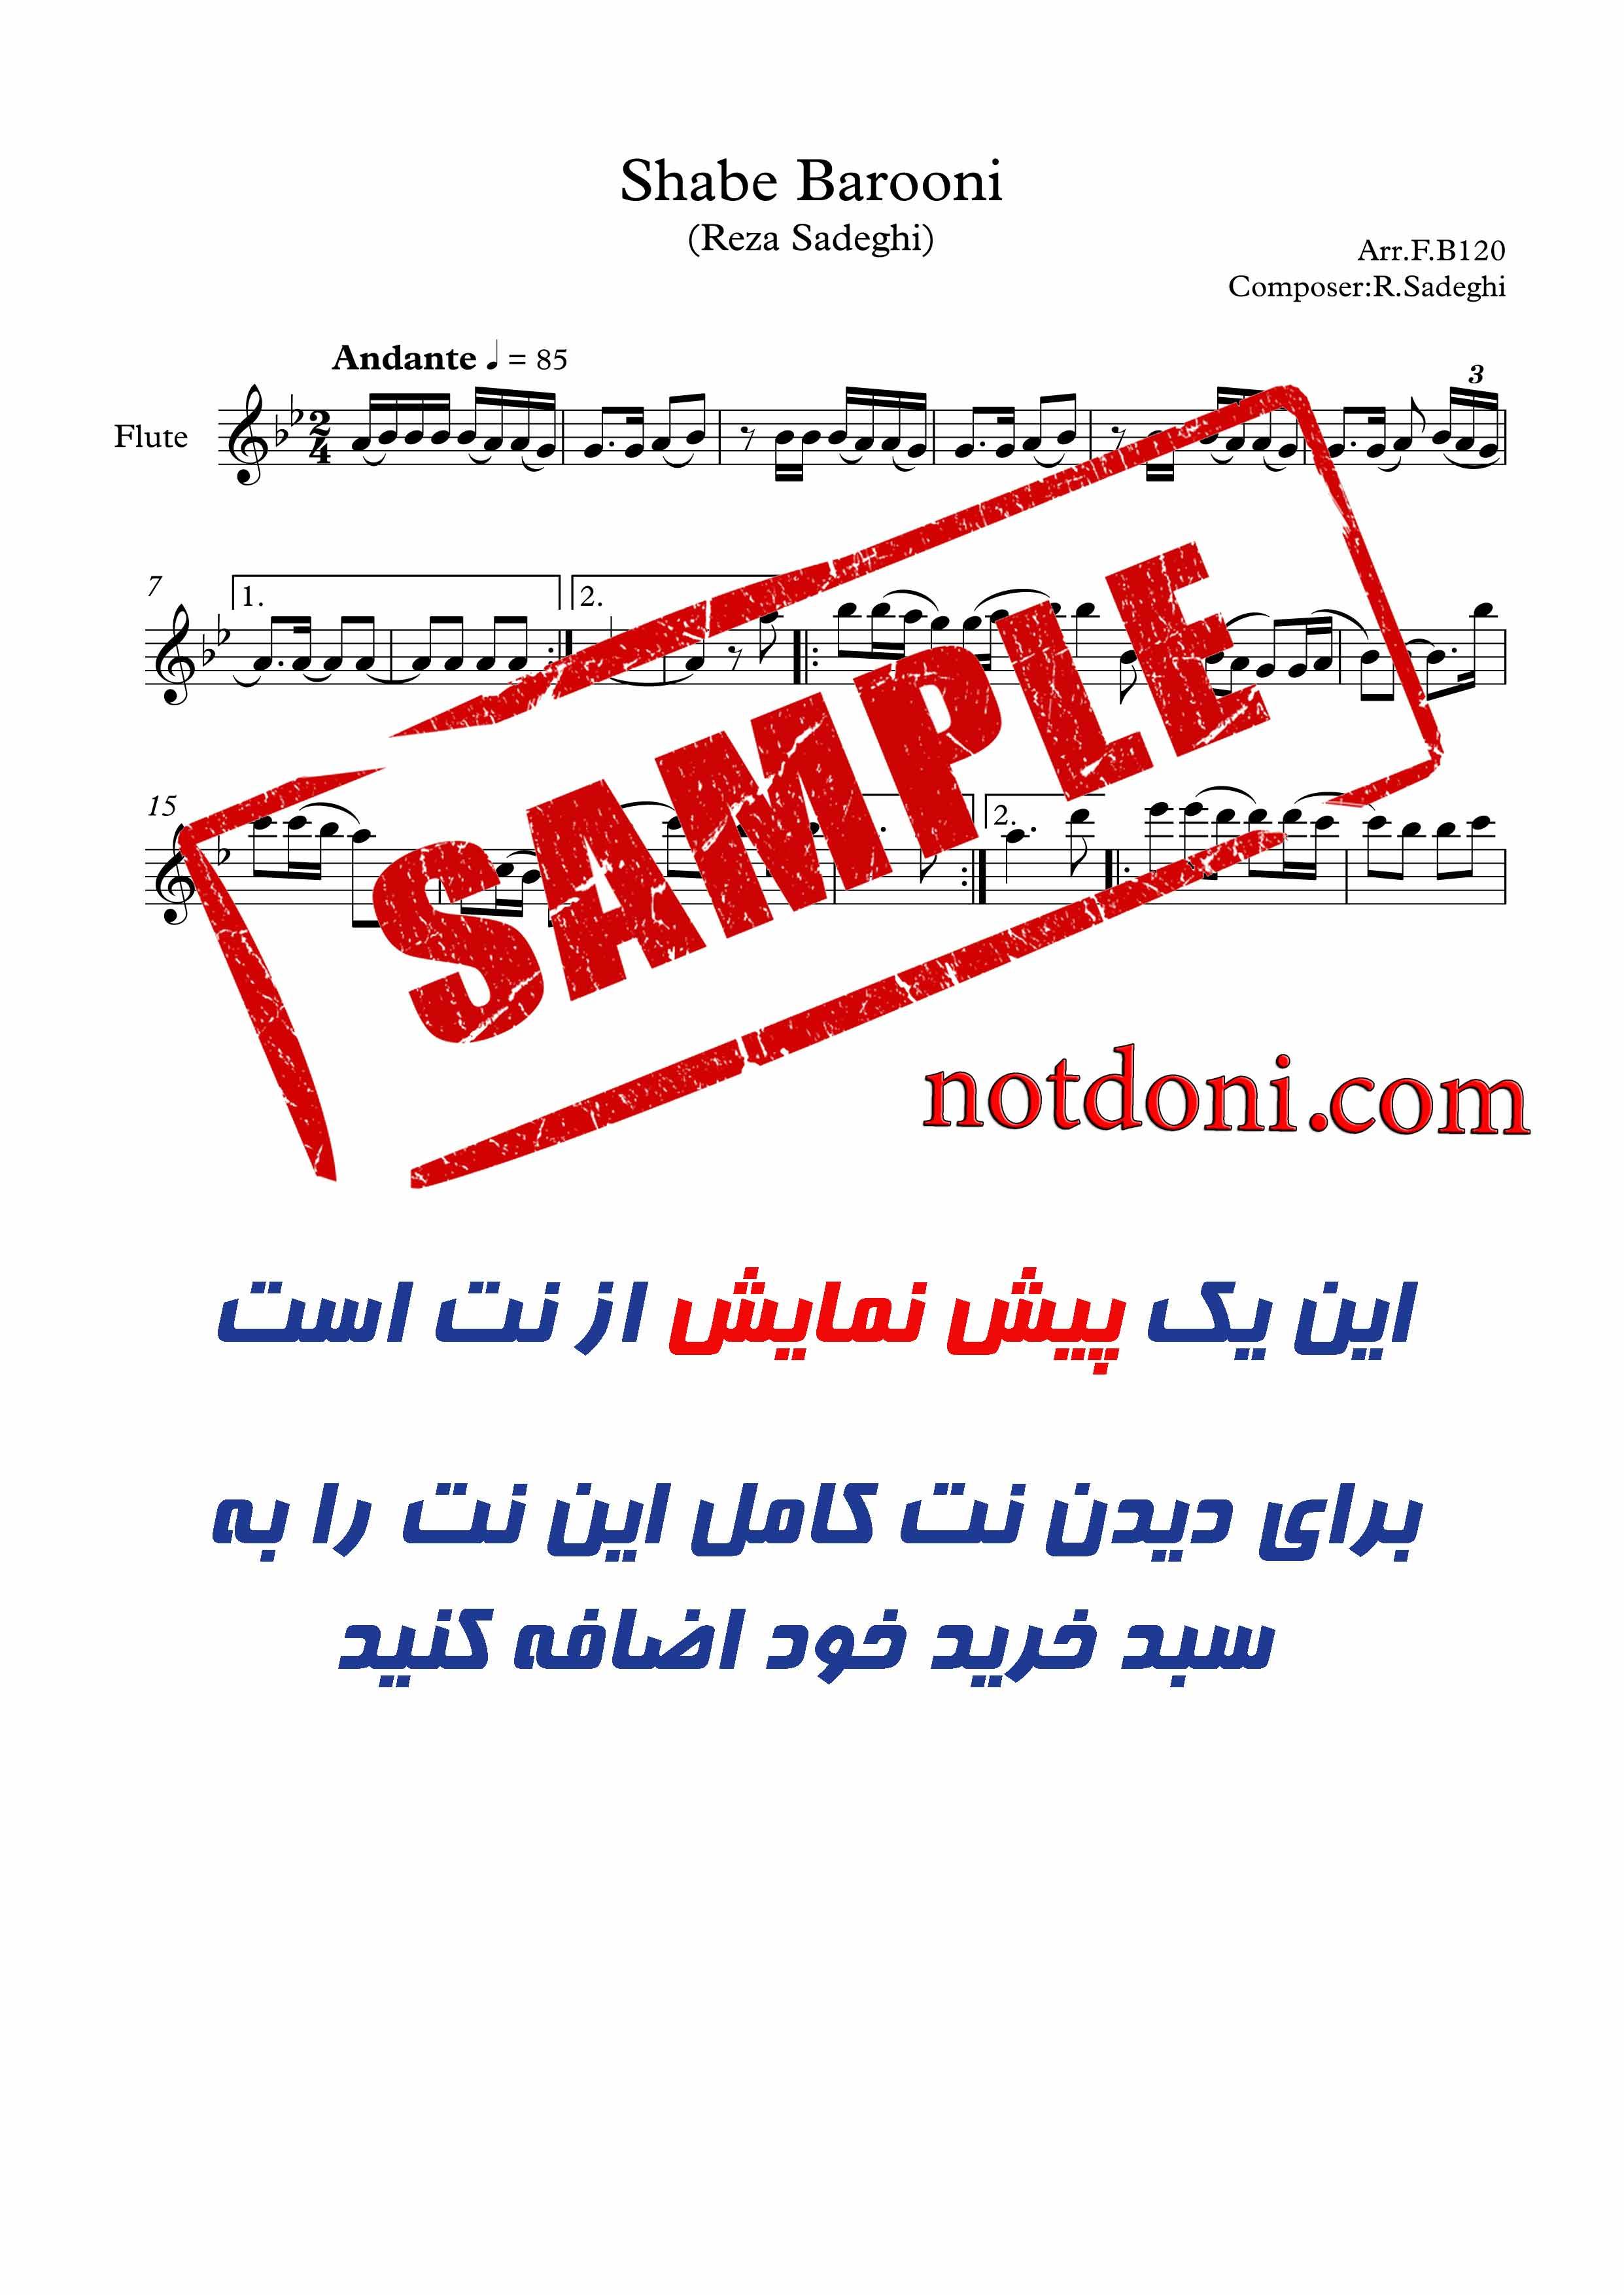 47f1fcc1-ffb1-450e-93b1-de67488f4936_دموی-نت-آهنگ-شب-بارونی-فلوت.jpg